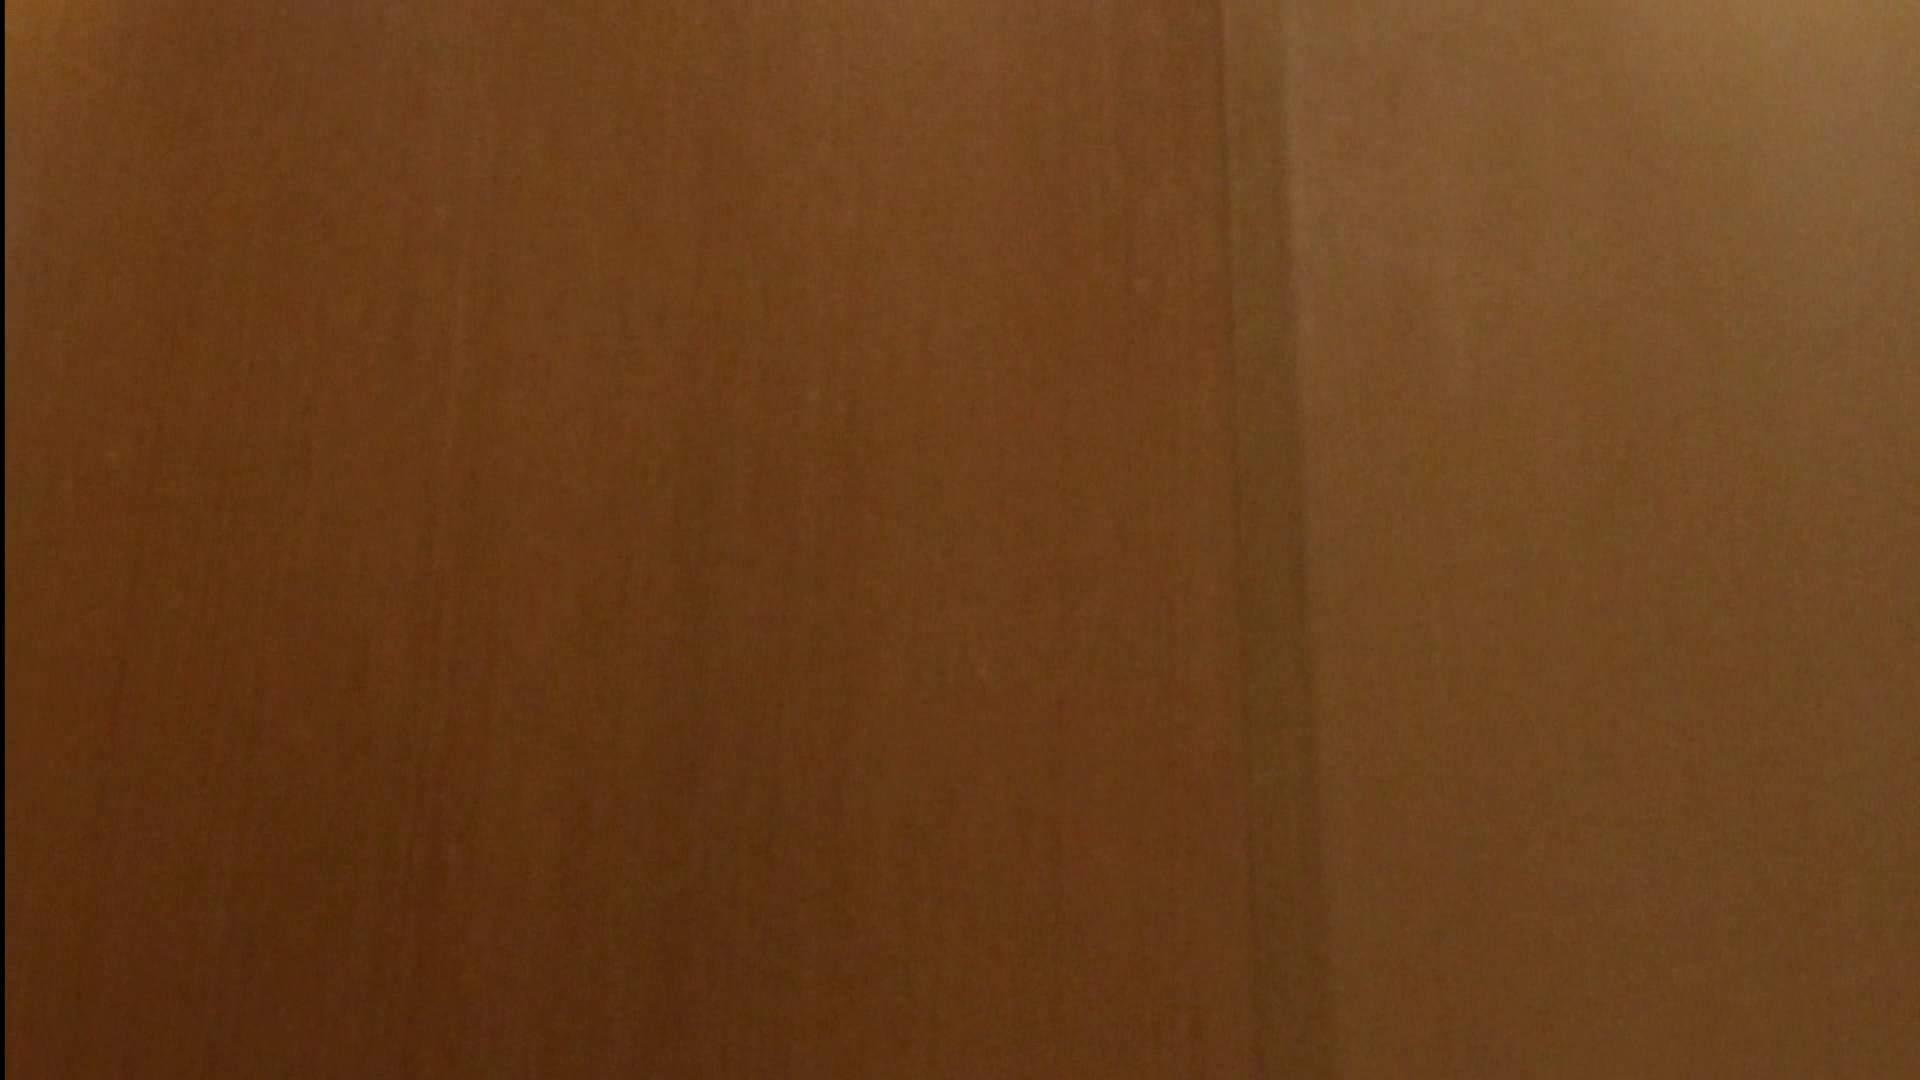 隣国化粧室下から御免!! No.04 美女ハメ撮り  100Pix 41